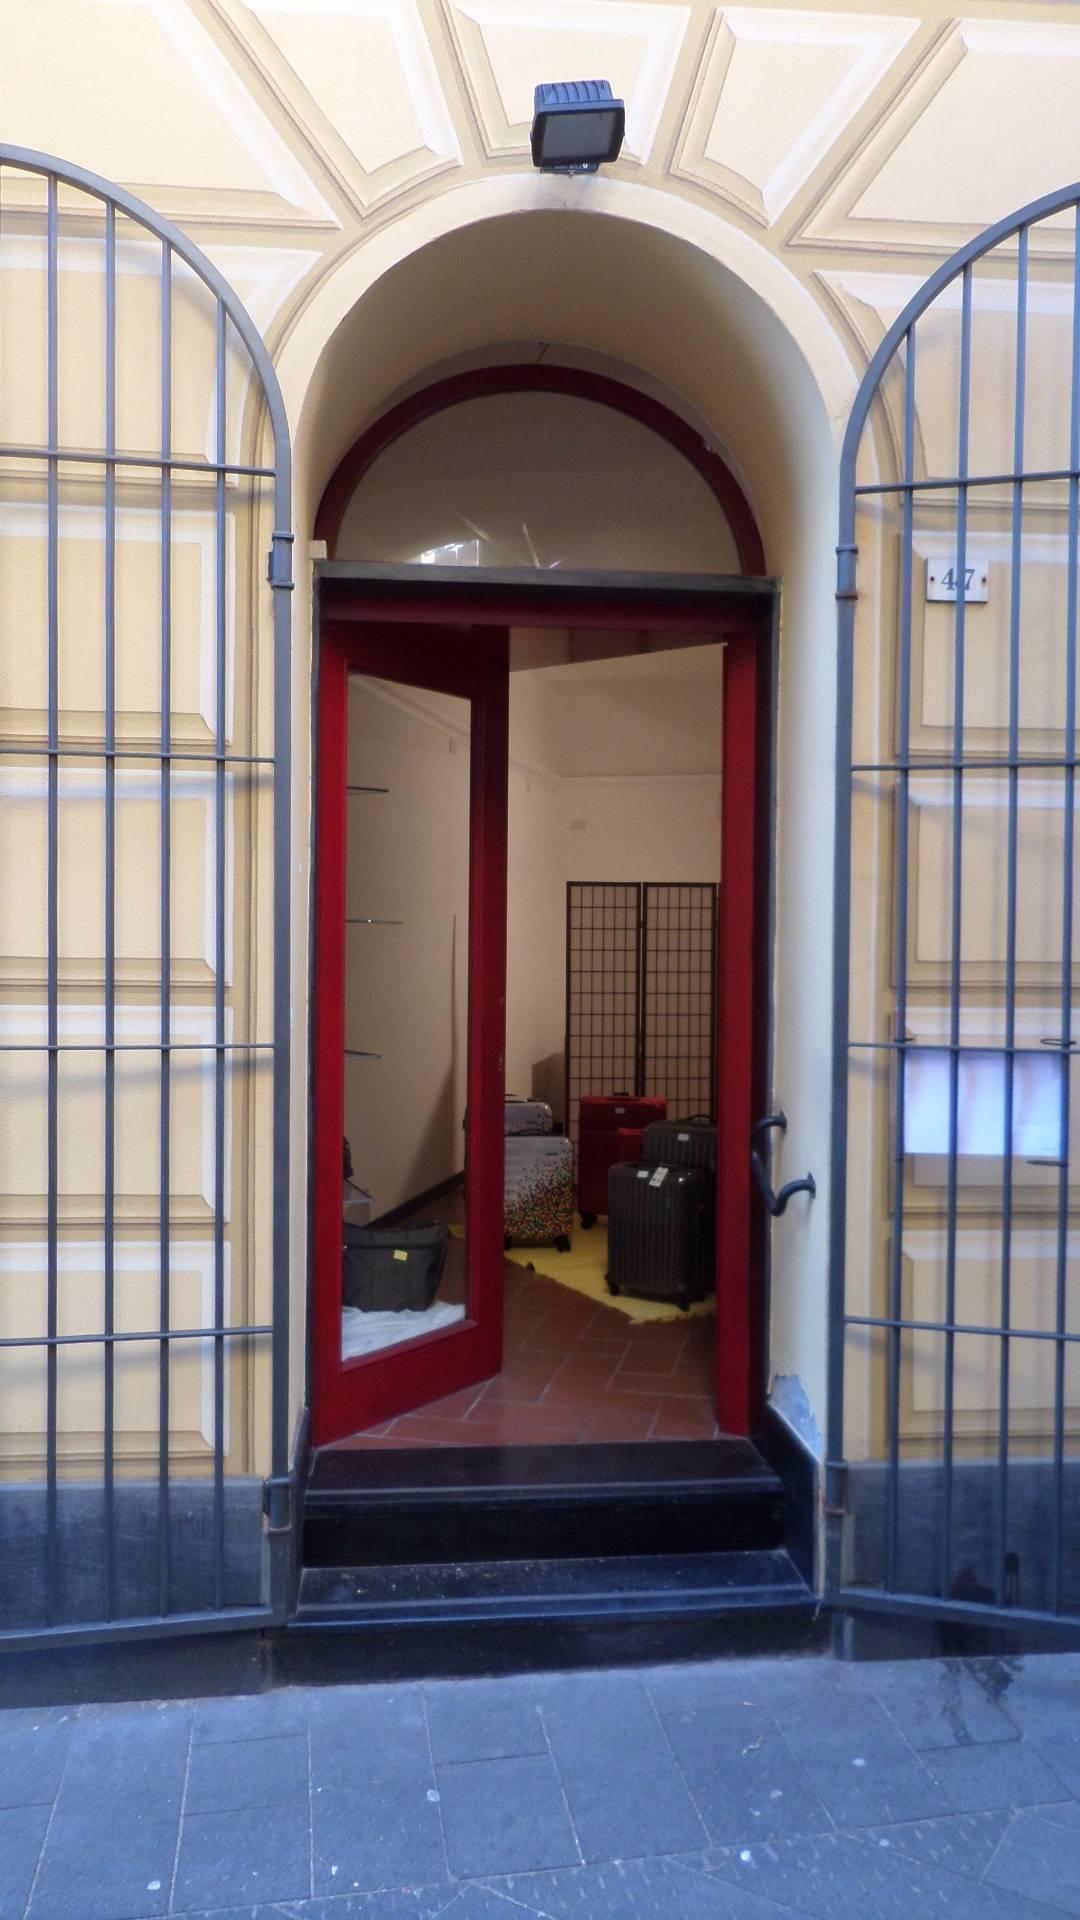 Negozio / Locale in affitto a Arenzano, 9999 locali, zona Località: CentroStorico, prezzo € 700 | CambioCasa.it